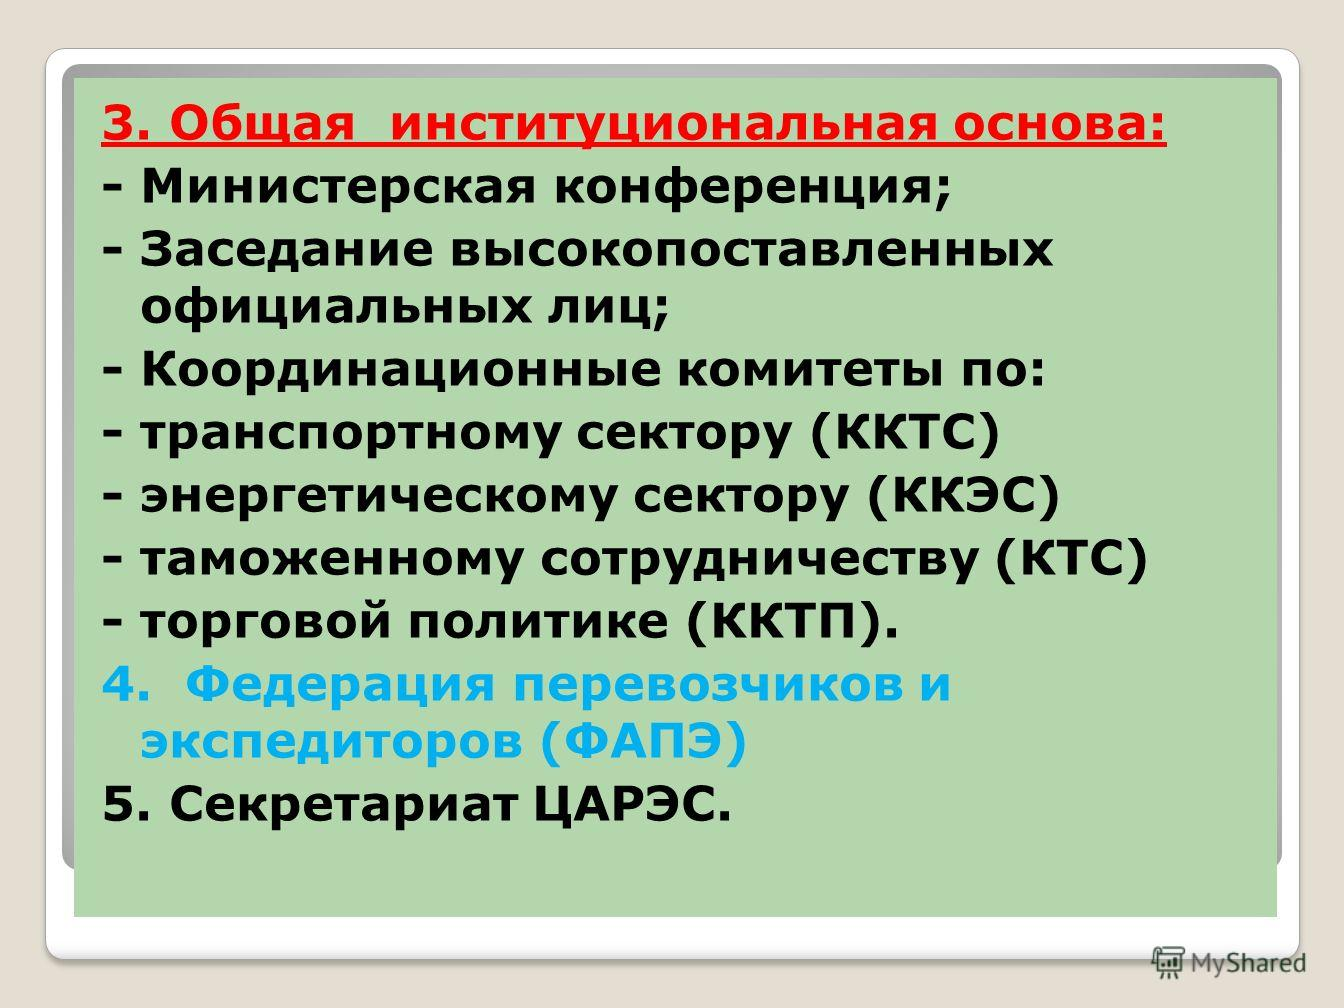 3. Общая институциональная основа: - Министерская конференция; - Заседание высокопоставленных официальных лиц; - Координационные комитеты по: - транспортному сектору (ККТС) - энергетическому сектору (ККЭС) - таможенному сотрудничеству (КТС) - торгово